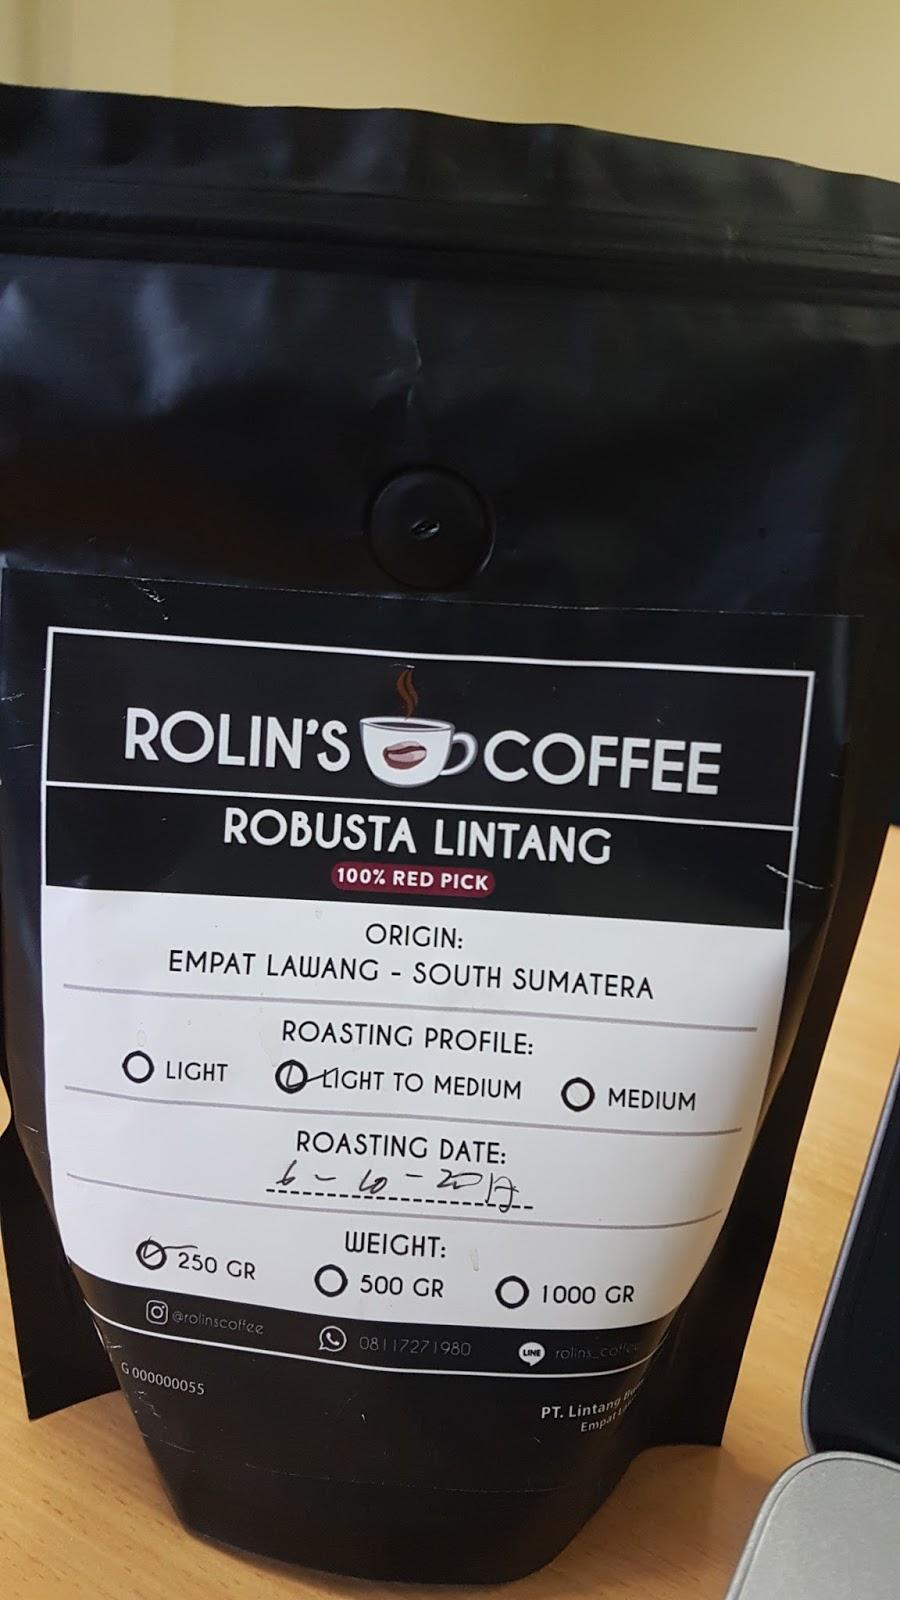 Robusta Kopi Arabika Empat Lawang Spec Dan Daftar Harga Terbaru Biji Bubuk Rajabica Koffie Warung Tinggi Premium 500 Gram Menurut Saya Untuk Single Origin Cukup Enak Dinikmati